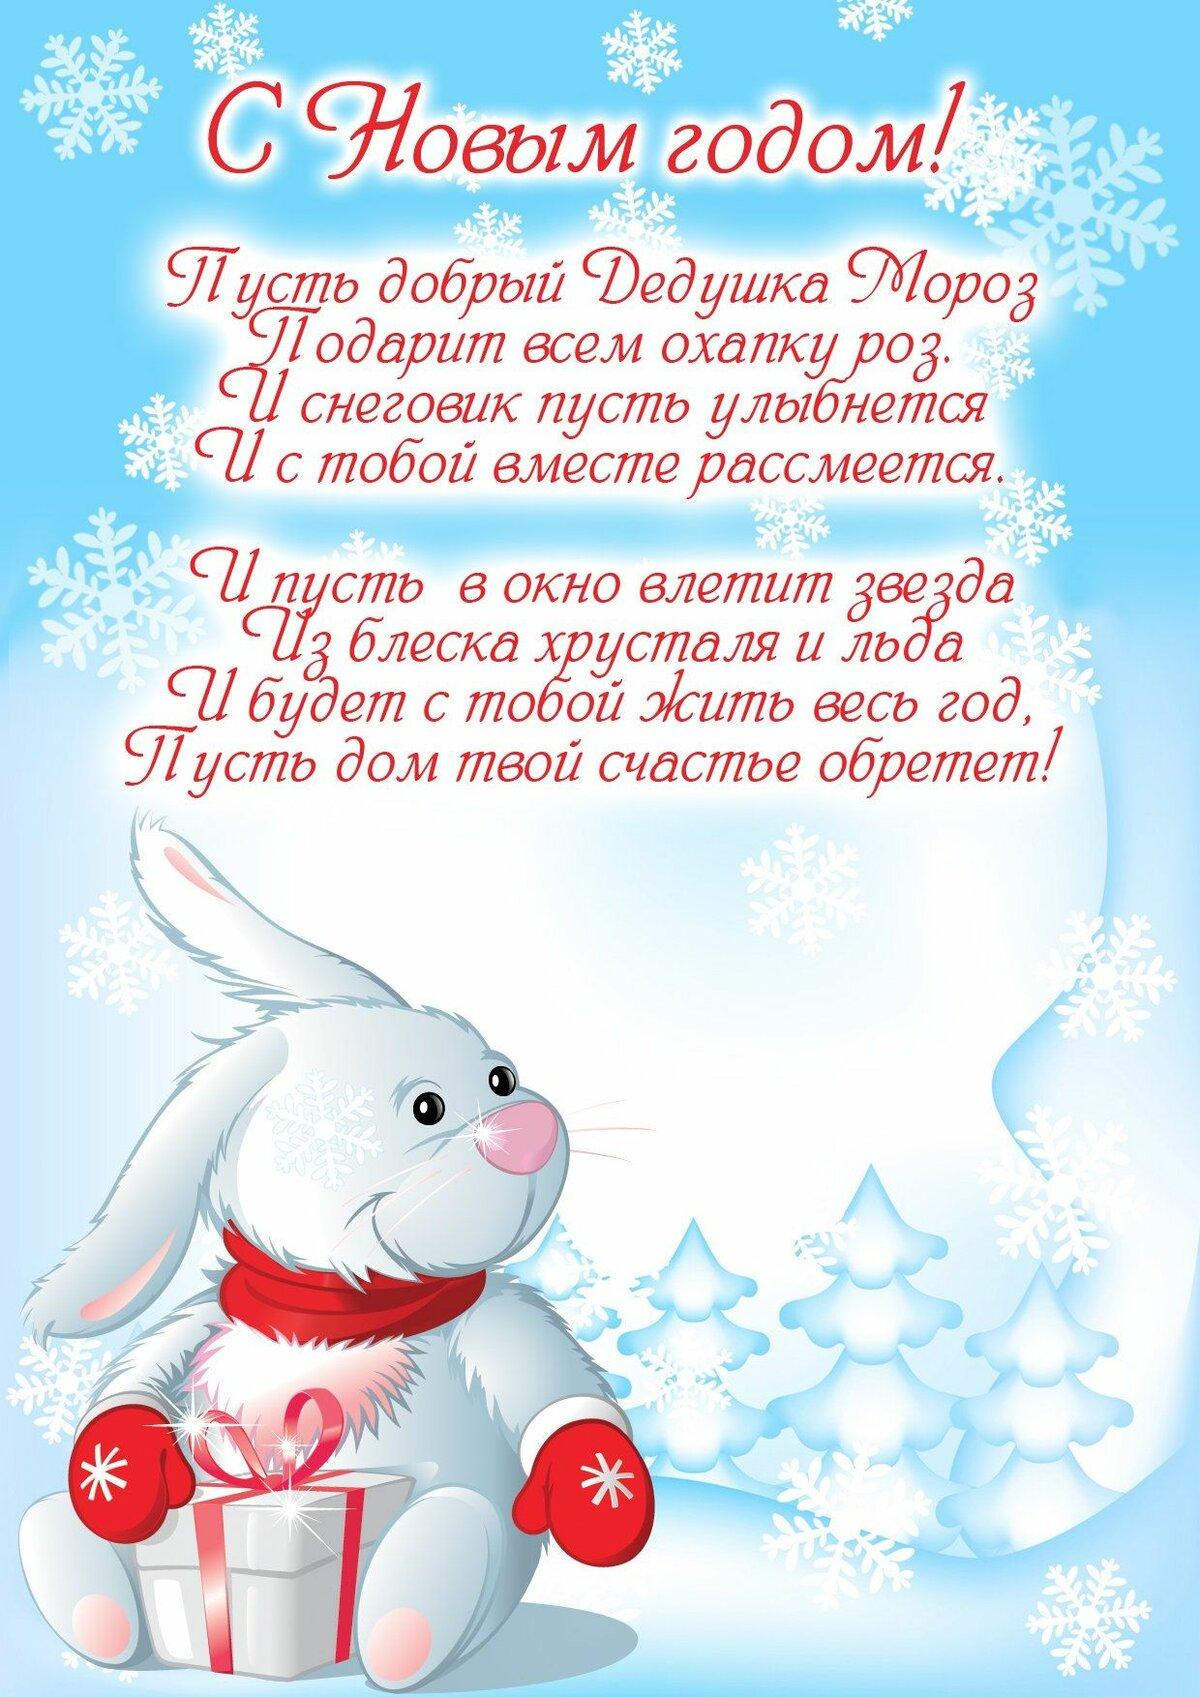 Новогодние открытки поздравления детям, надписью класс